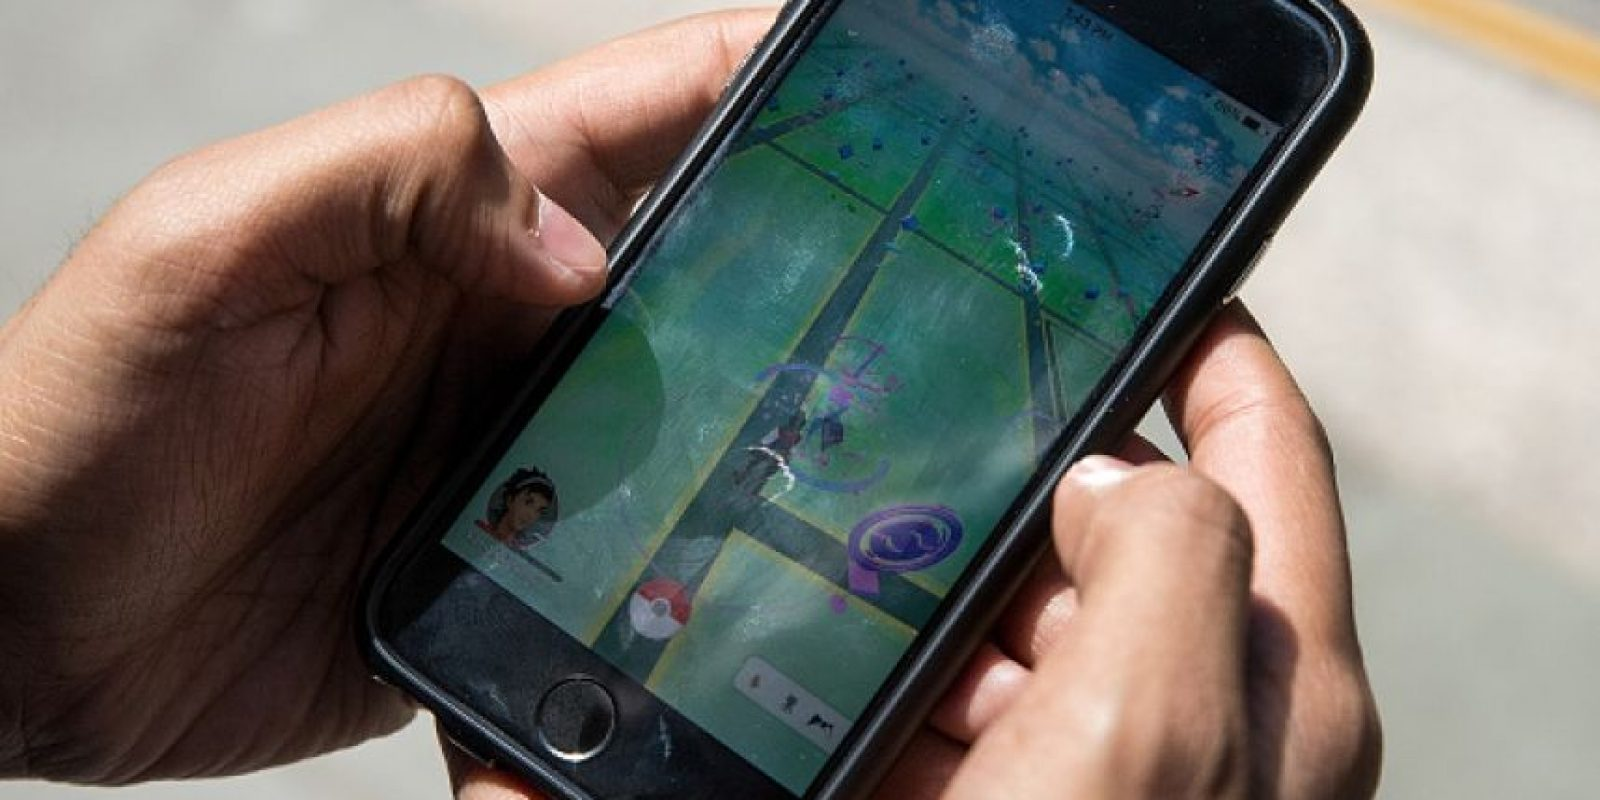 Esto surge días después de un informe que alertaba los riesgos de Pokémon Go Foto:Getty Images